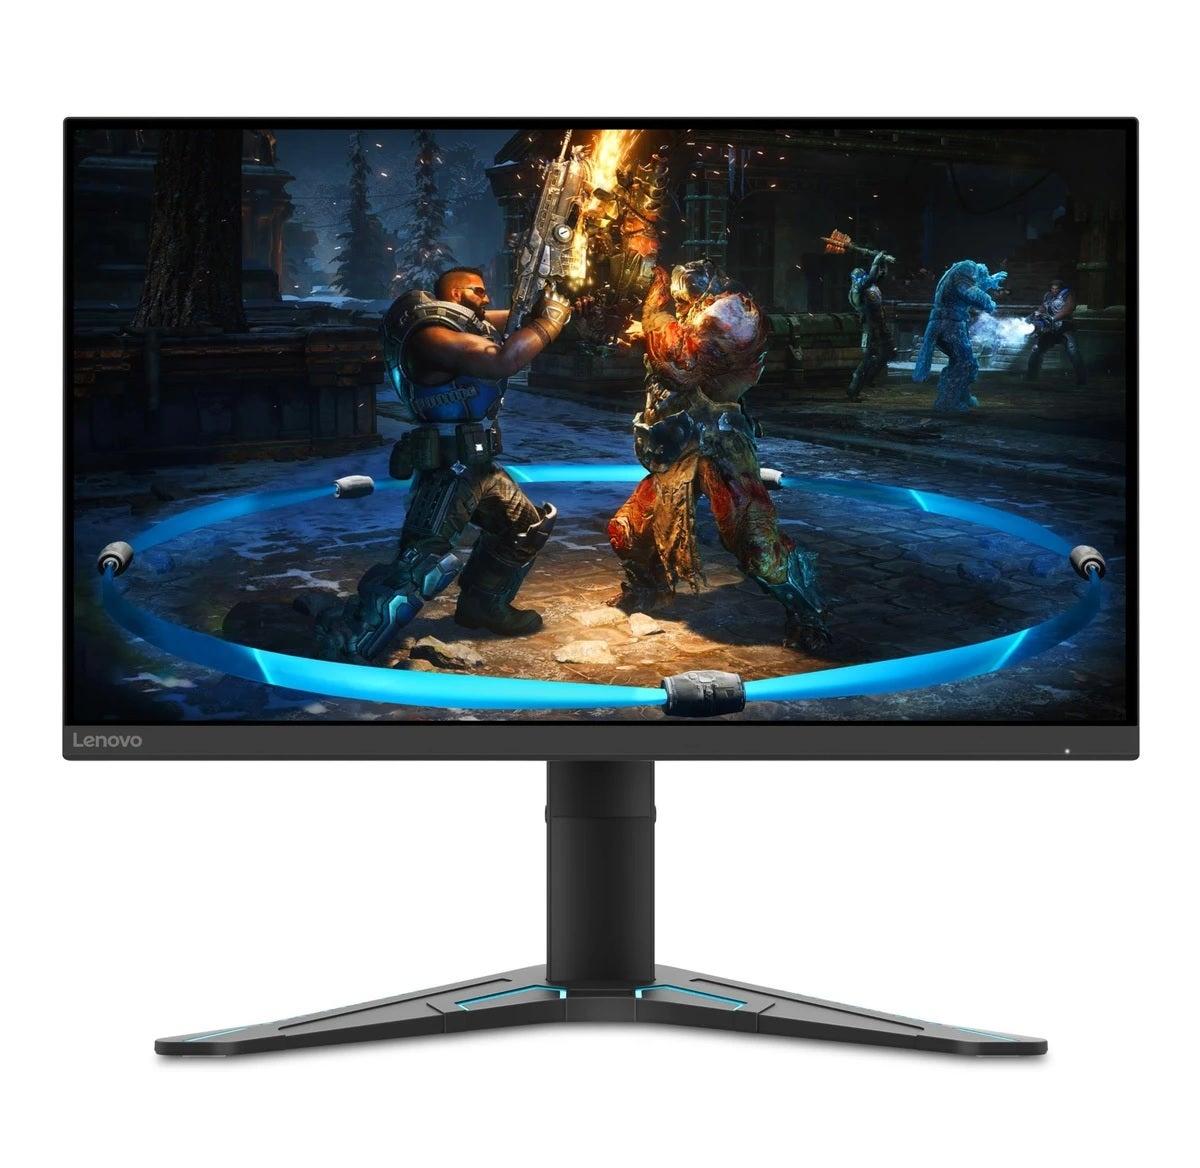 Lenovo G27-20 27inch WLED LCD Gaming Monitor